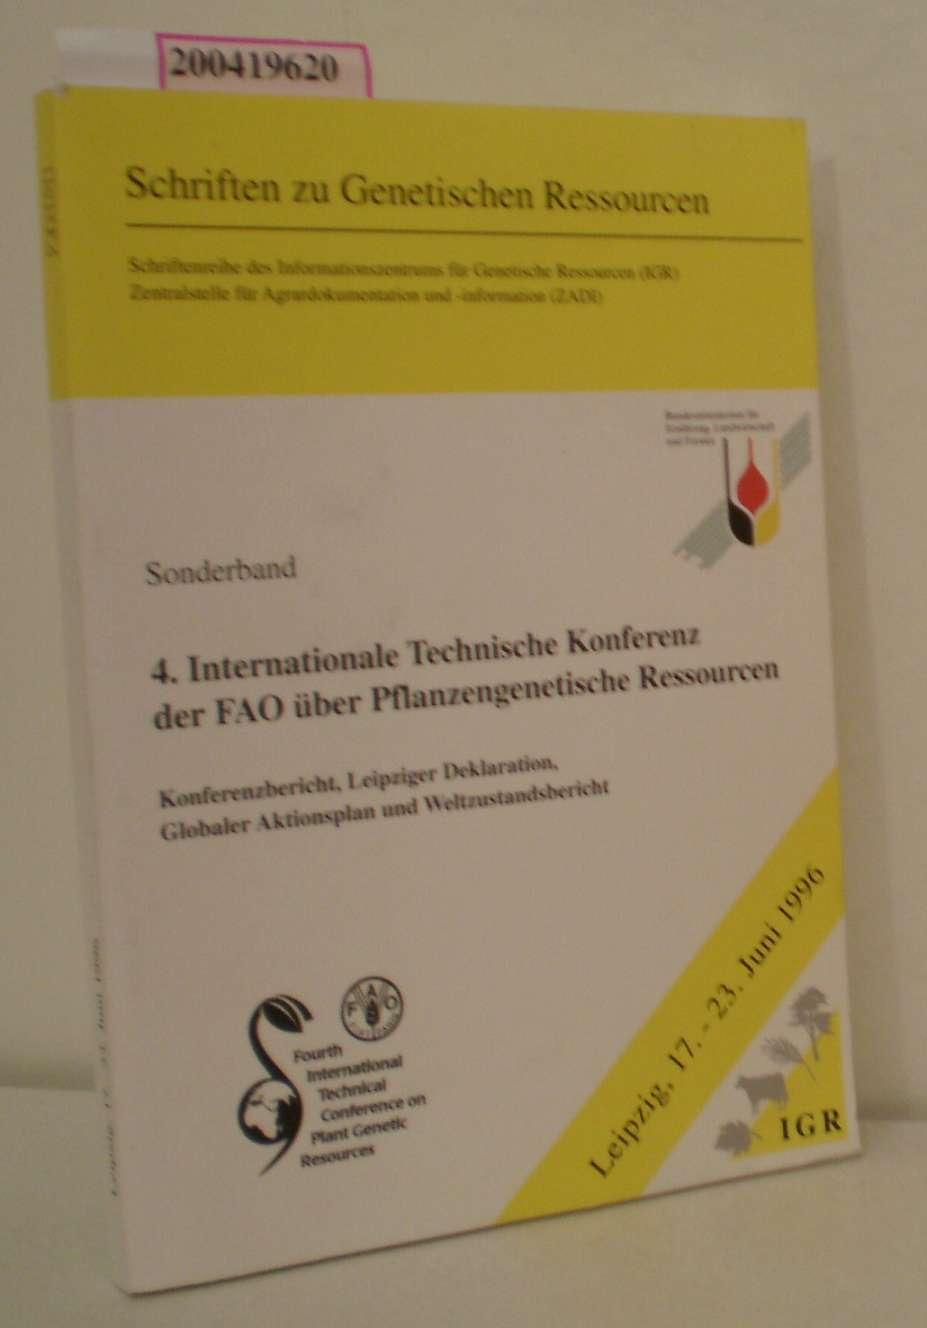 4. Internationale Technische Konferenz der FAO über Pflanzengenetische Ressourcen Konferenzbericht, Leipziger Deklaration, globaler Aktionsplan und Weltzustandsbericht